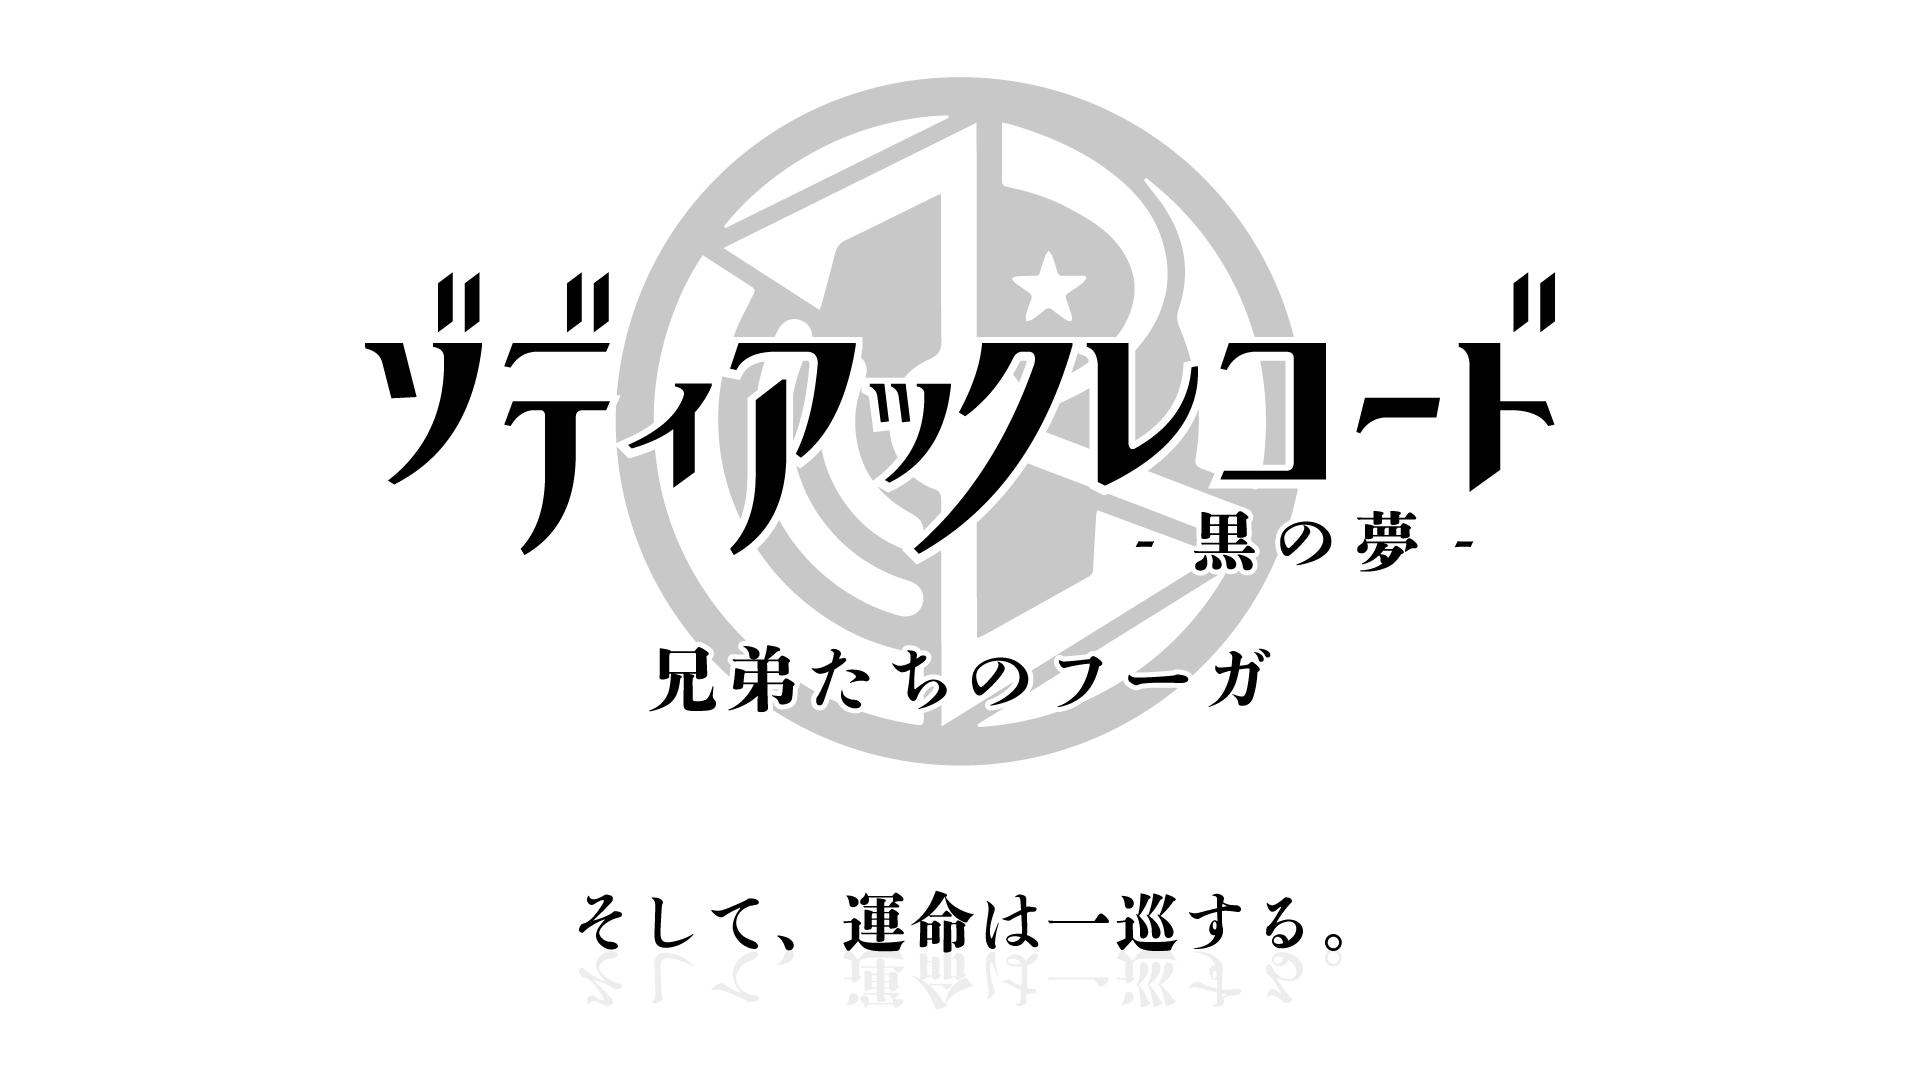 ゾディアック・レコード-黒の夢-「兄弟たちのフーガ」【2日目13:00〜】